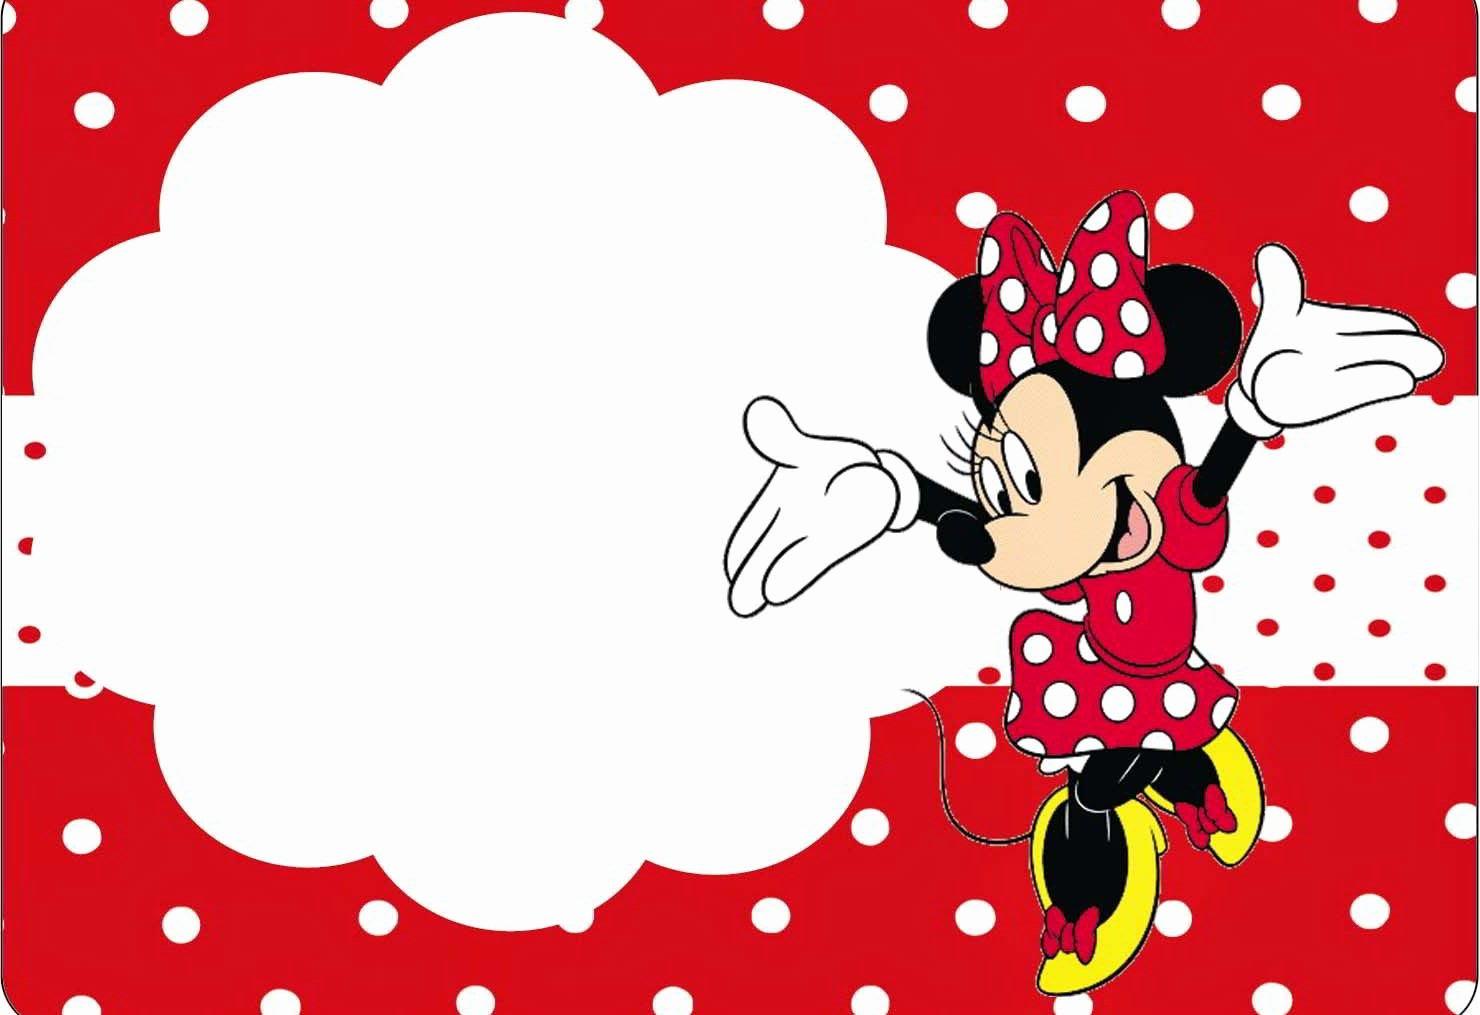 Minnie Mouse Invitation Template Luxury Custom Minnie Mouse Birthday Invitation Templates Free